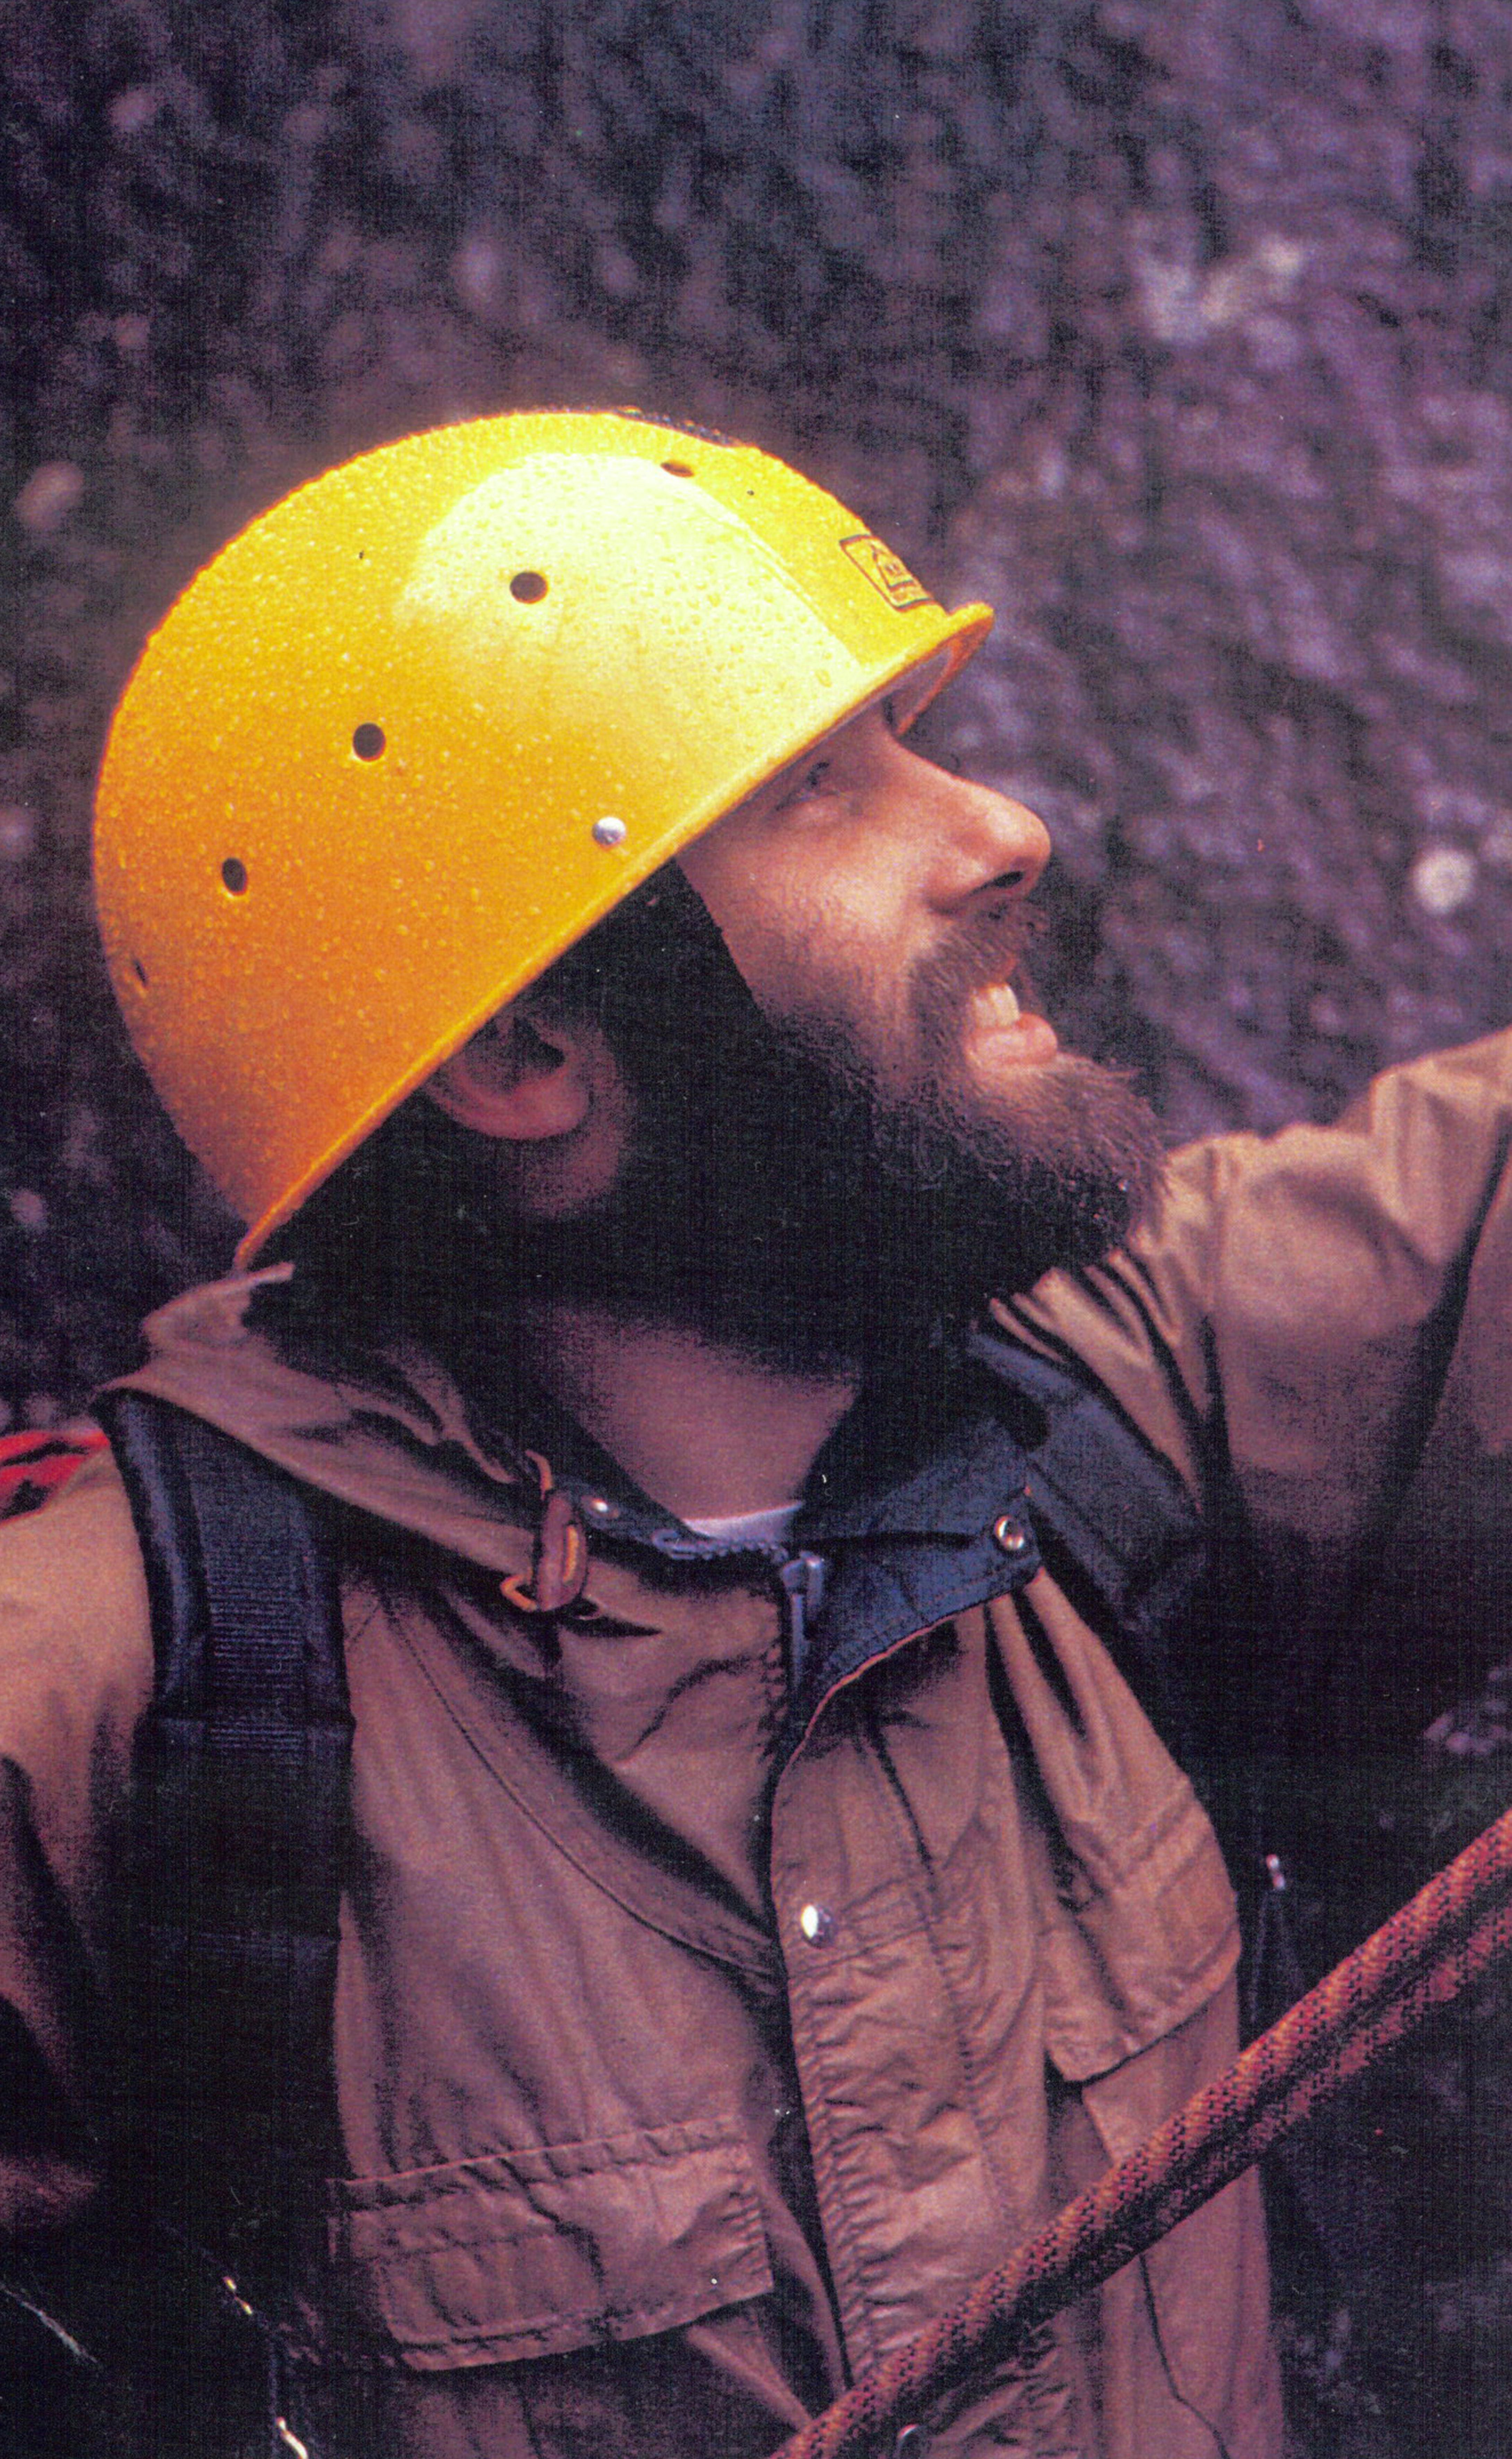 MSR climbing helmet